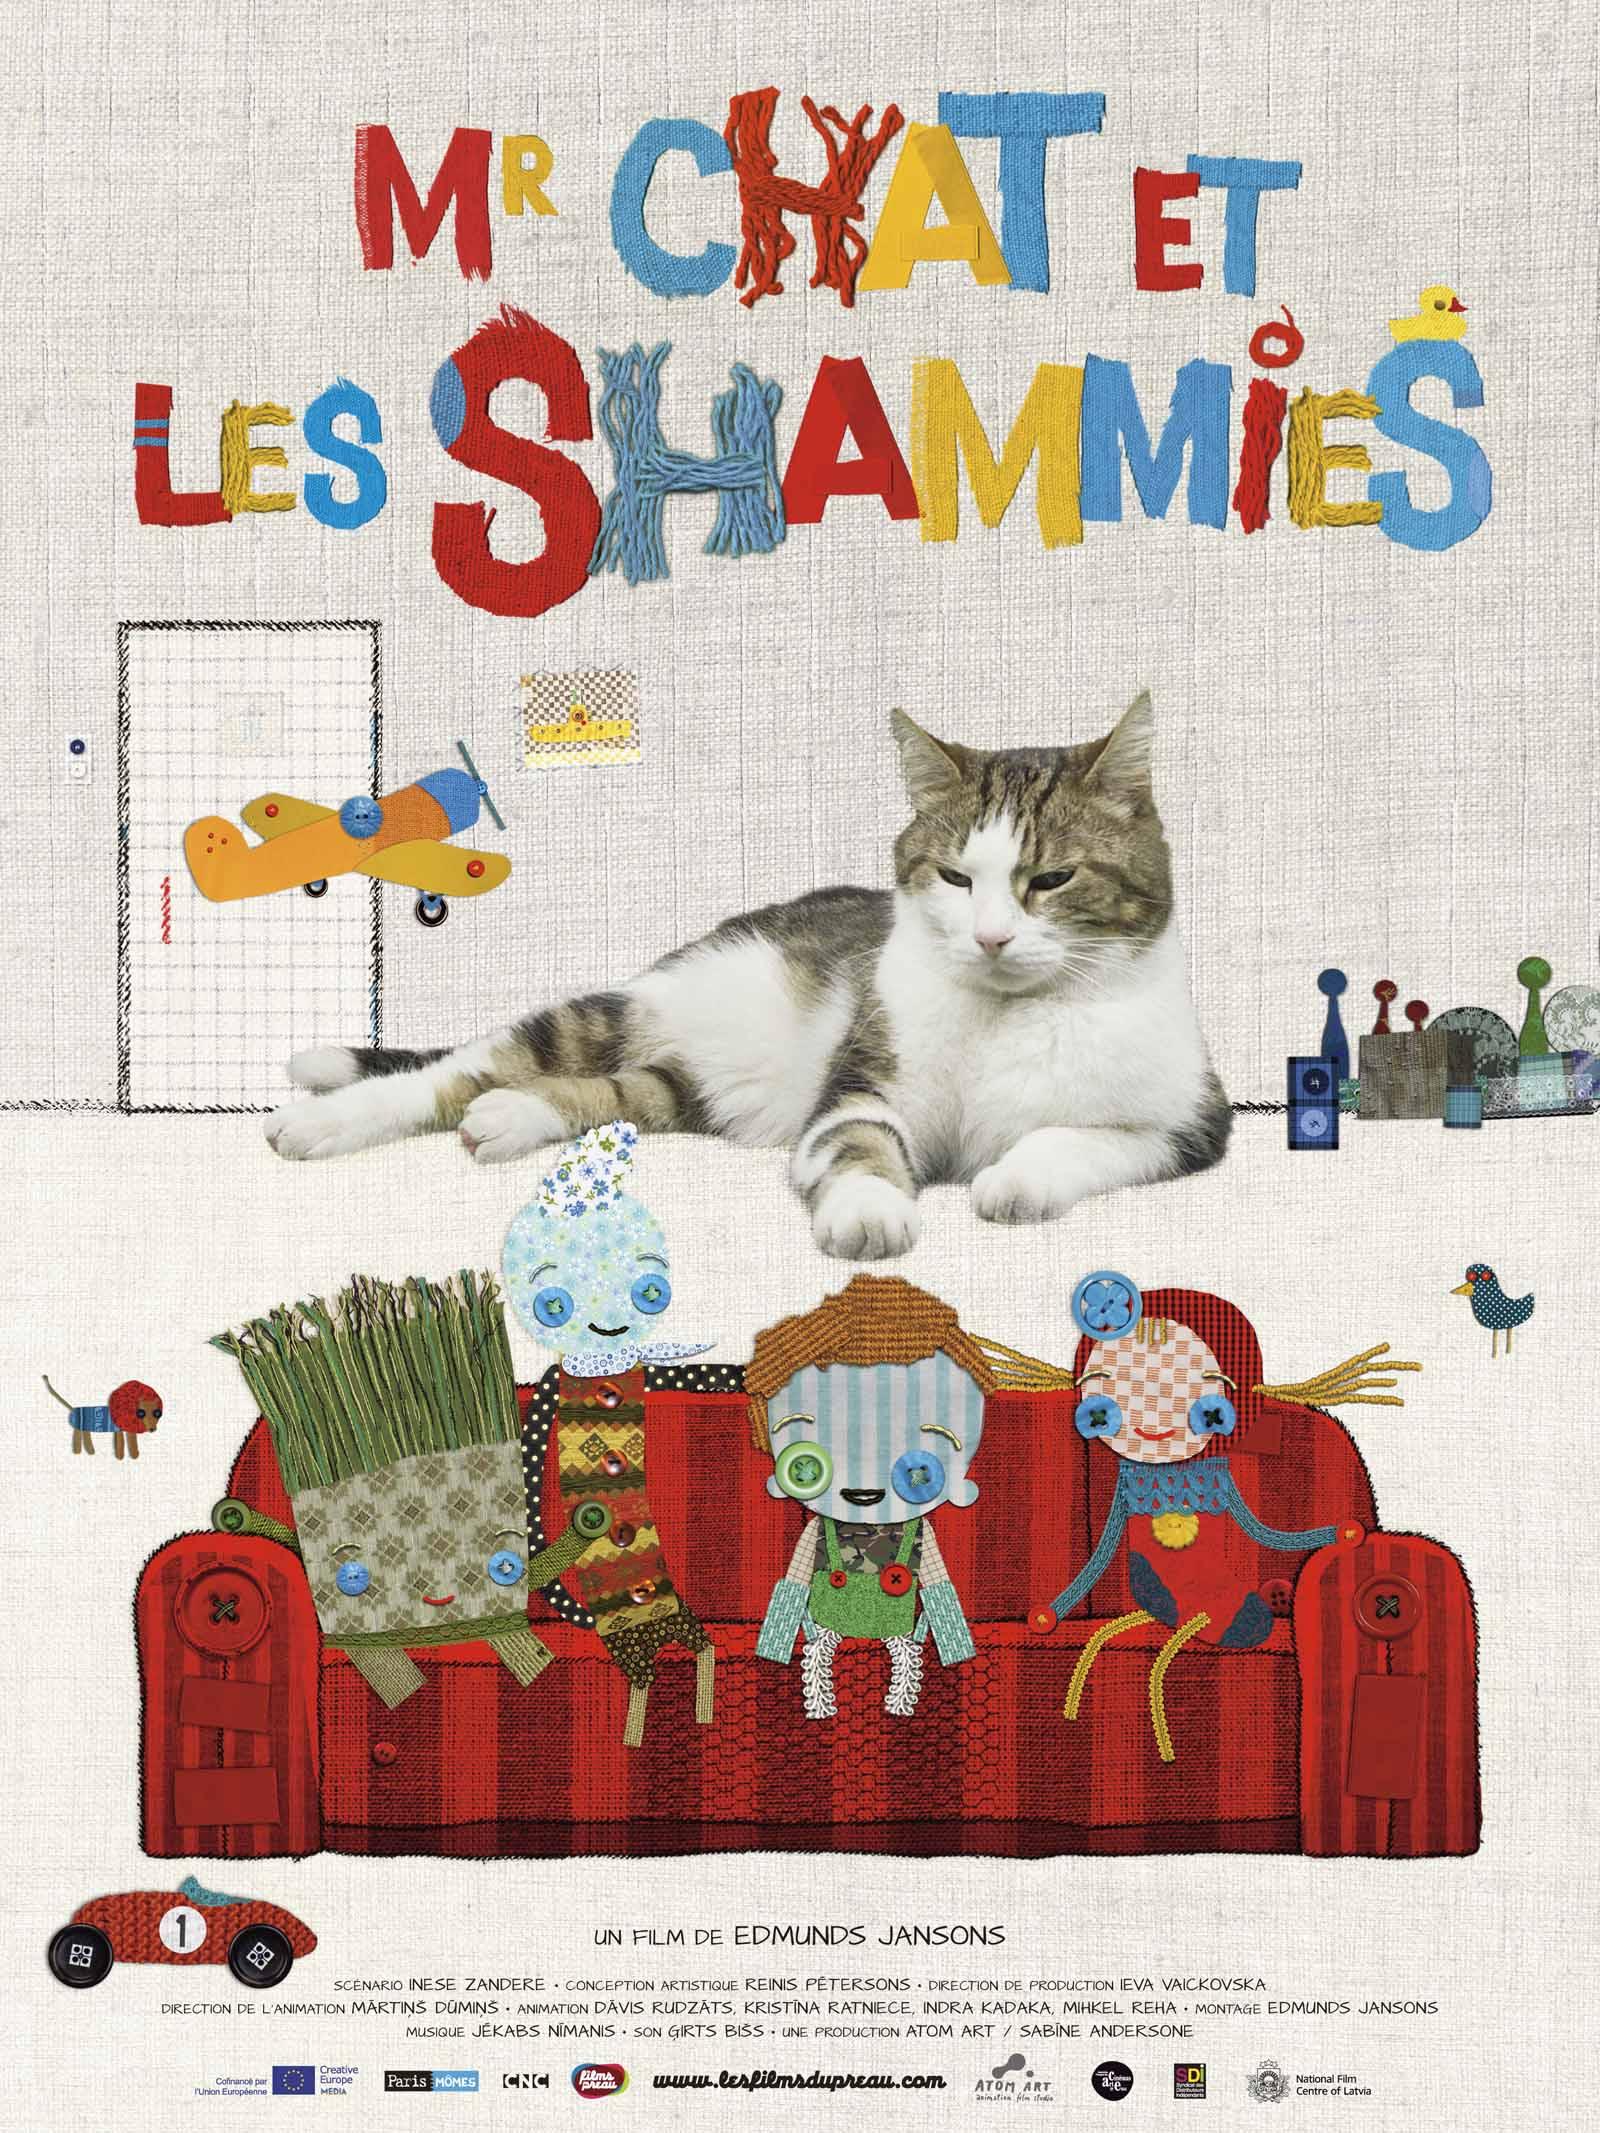 BIS-SHAMMIES-ISO300-24x32.indd